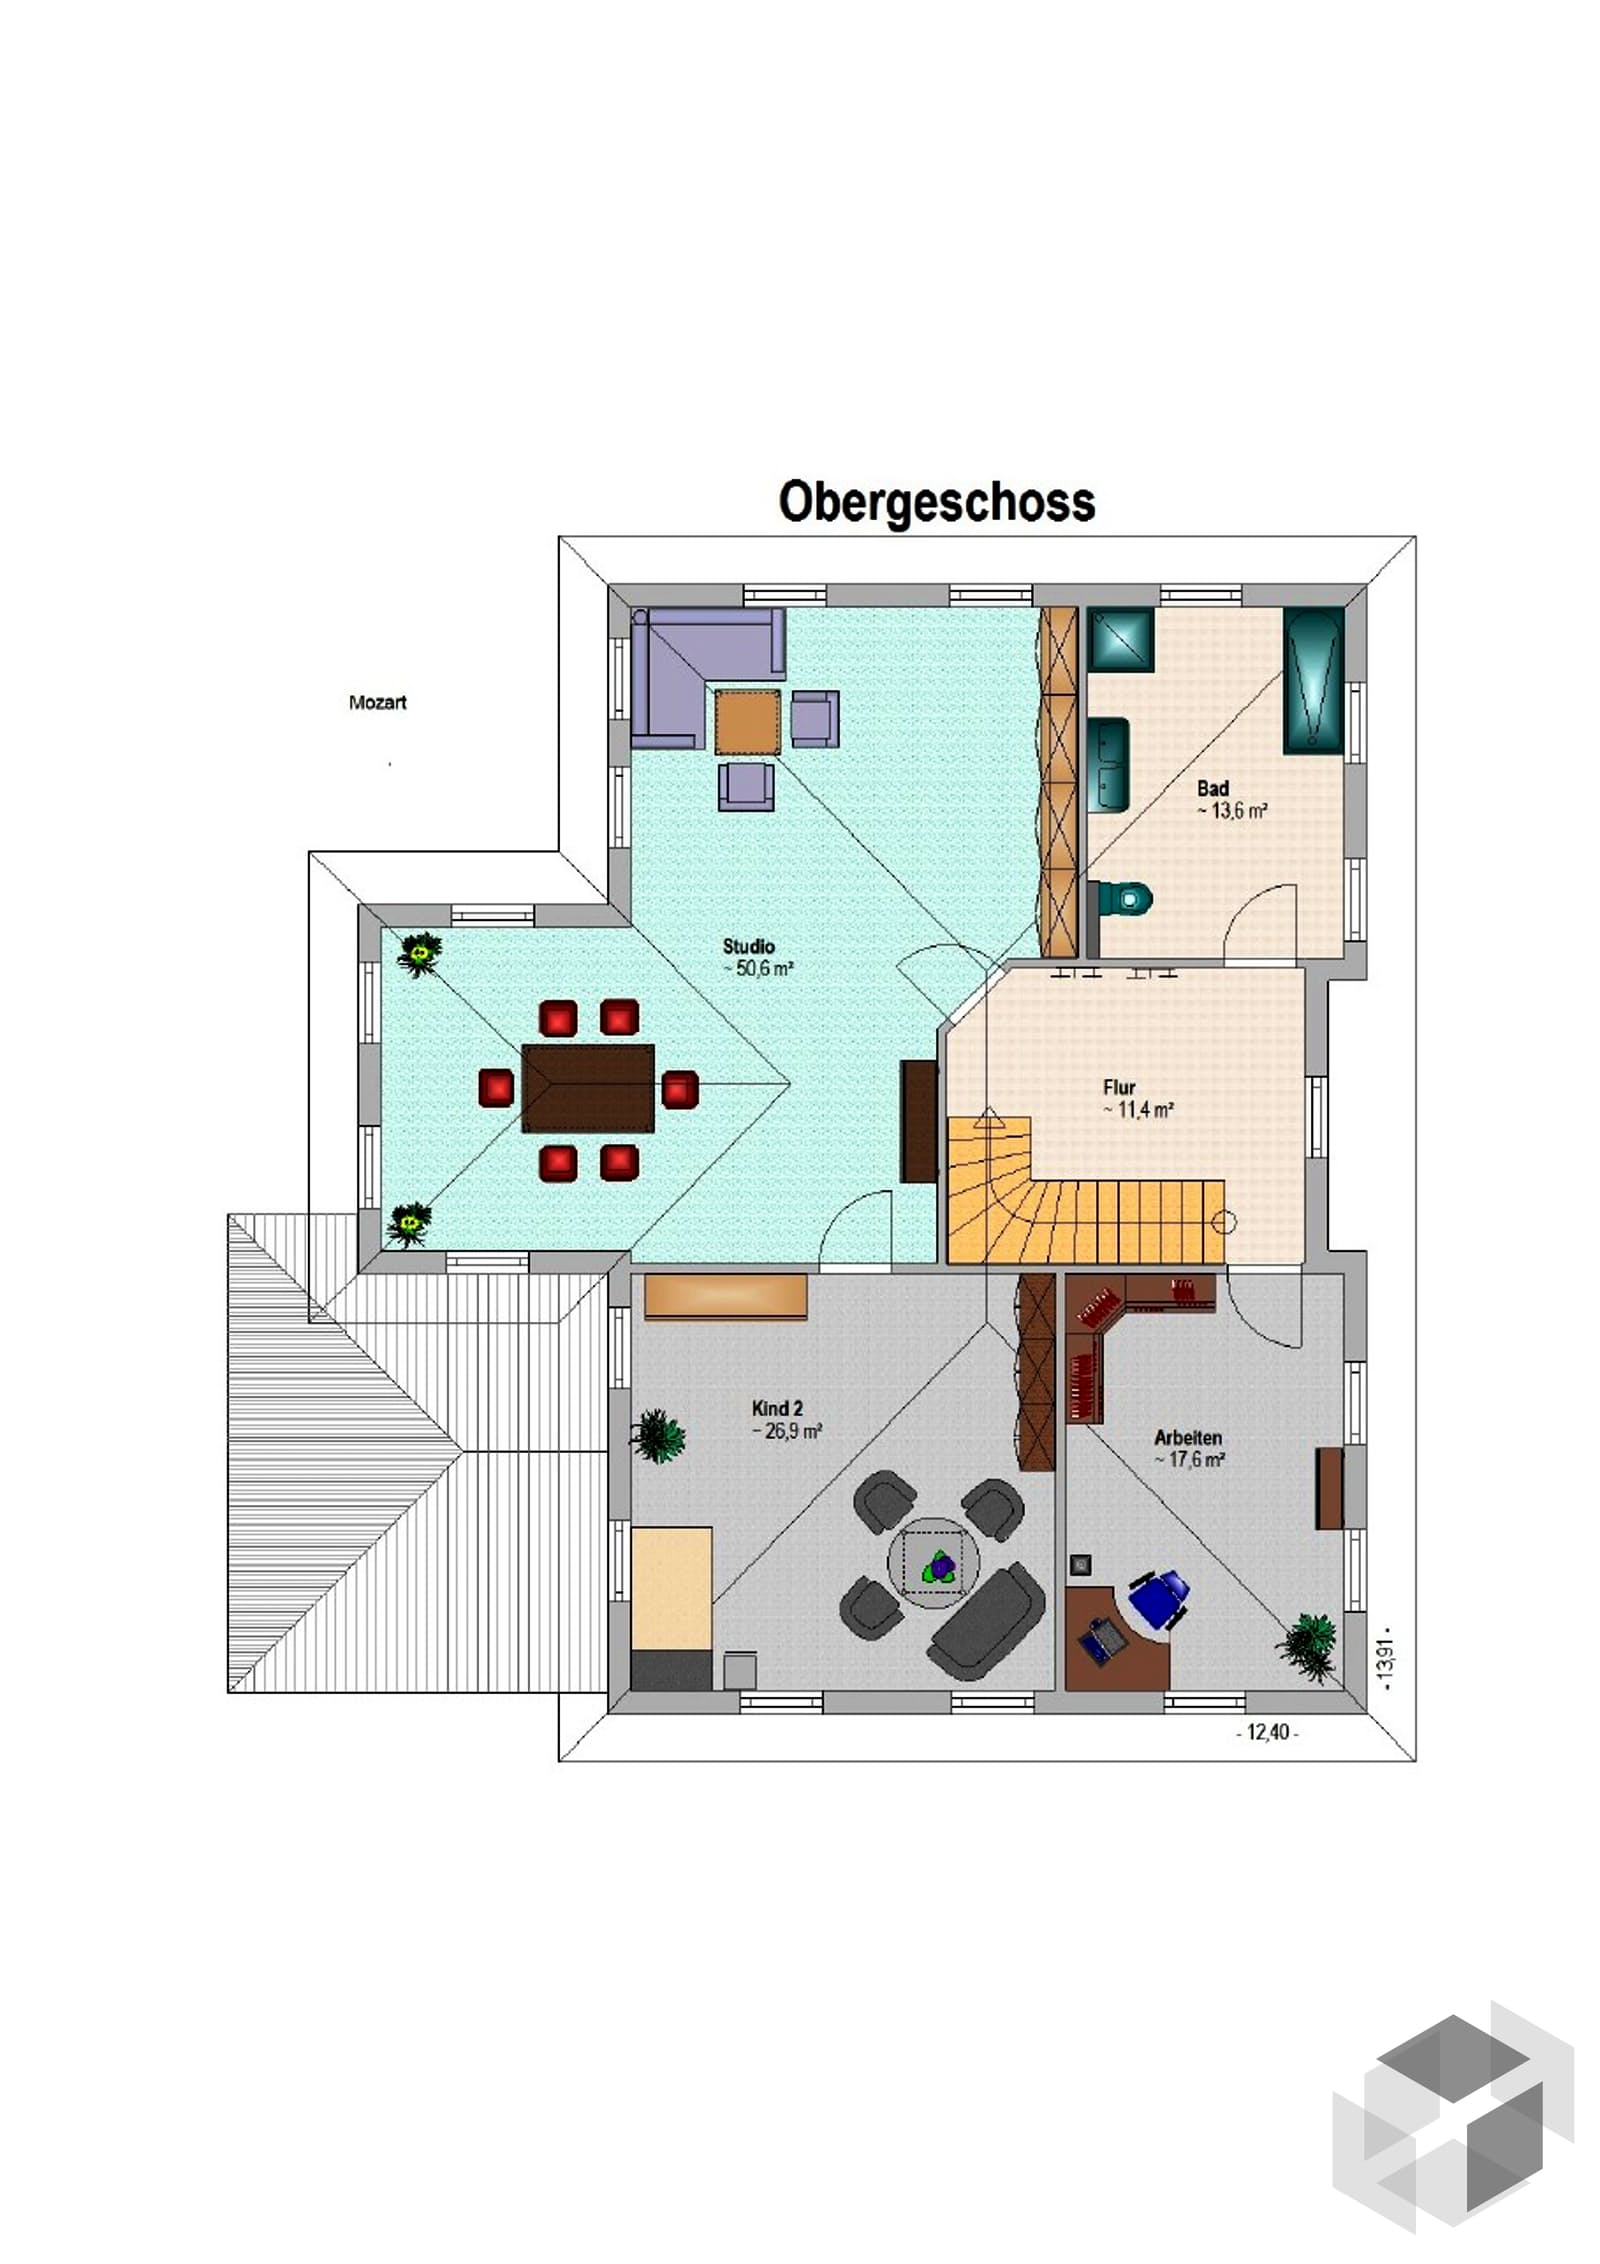 mozart inactive von tussa holzh user komplette daten bersicht. Black Bedroom Furniture Sets. Home Design Ideas